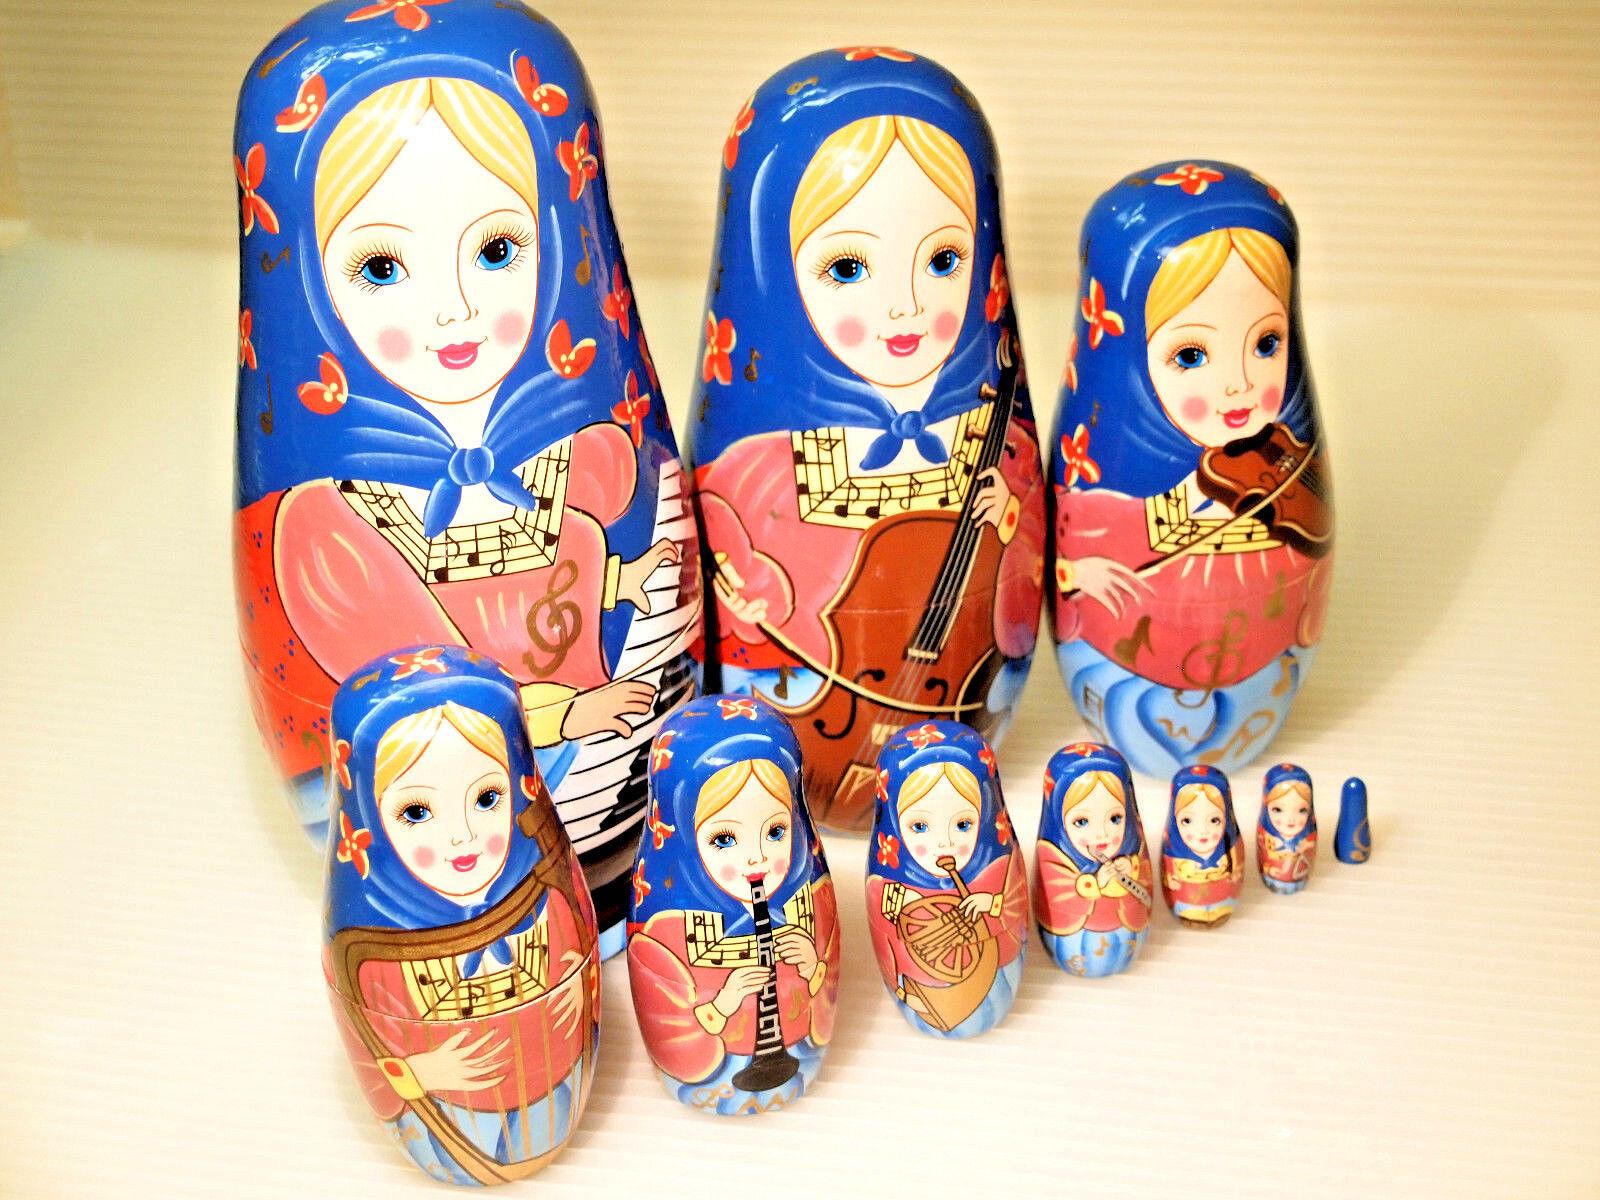 Orchestra Nesting Dolls Set of 10 Musiciants Matryoshka Dolls